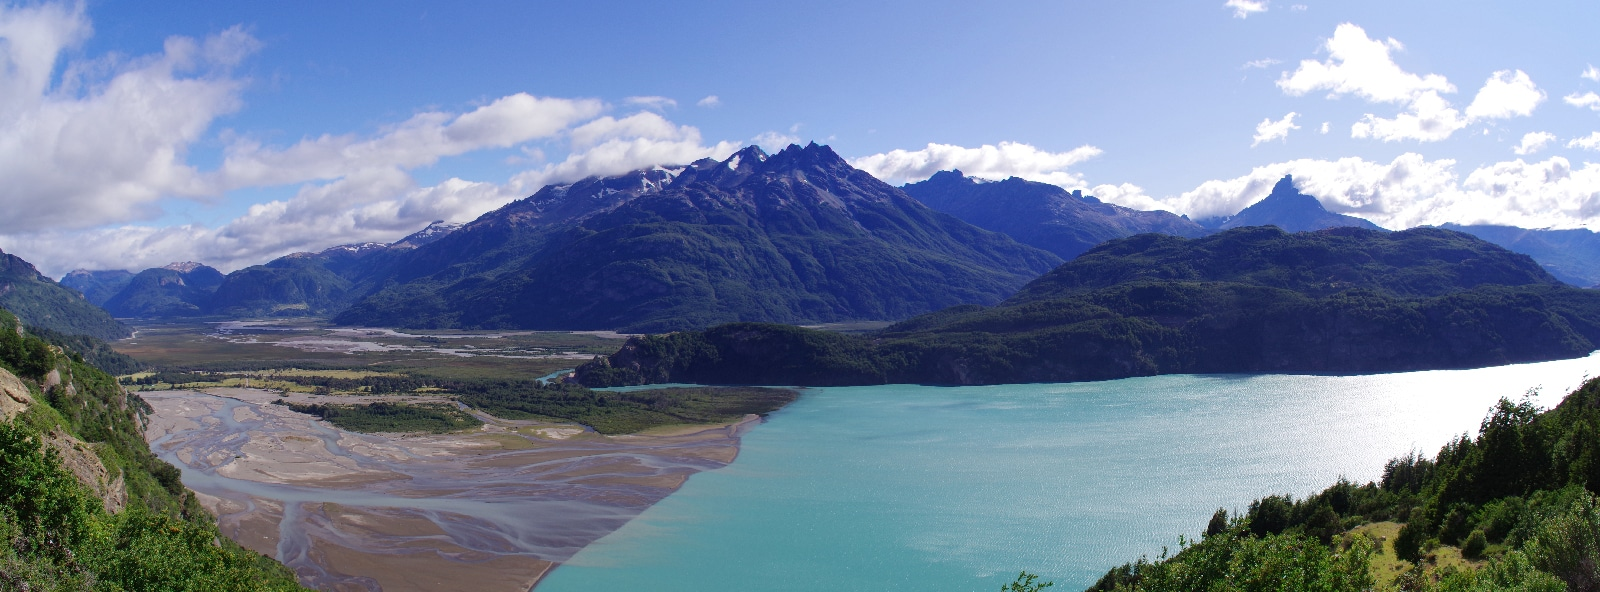 Patagonie chilienne, aux alentours de Villa Cerro Castillo.